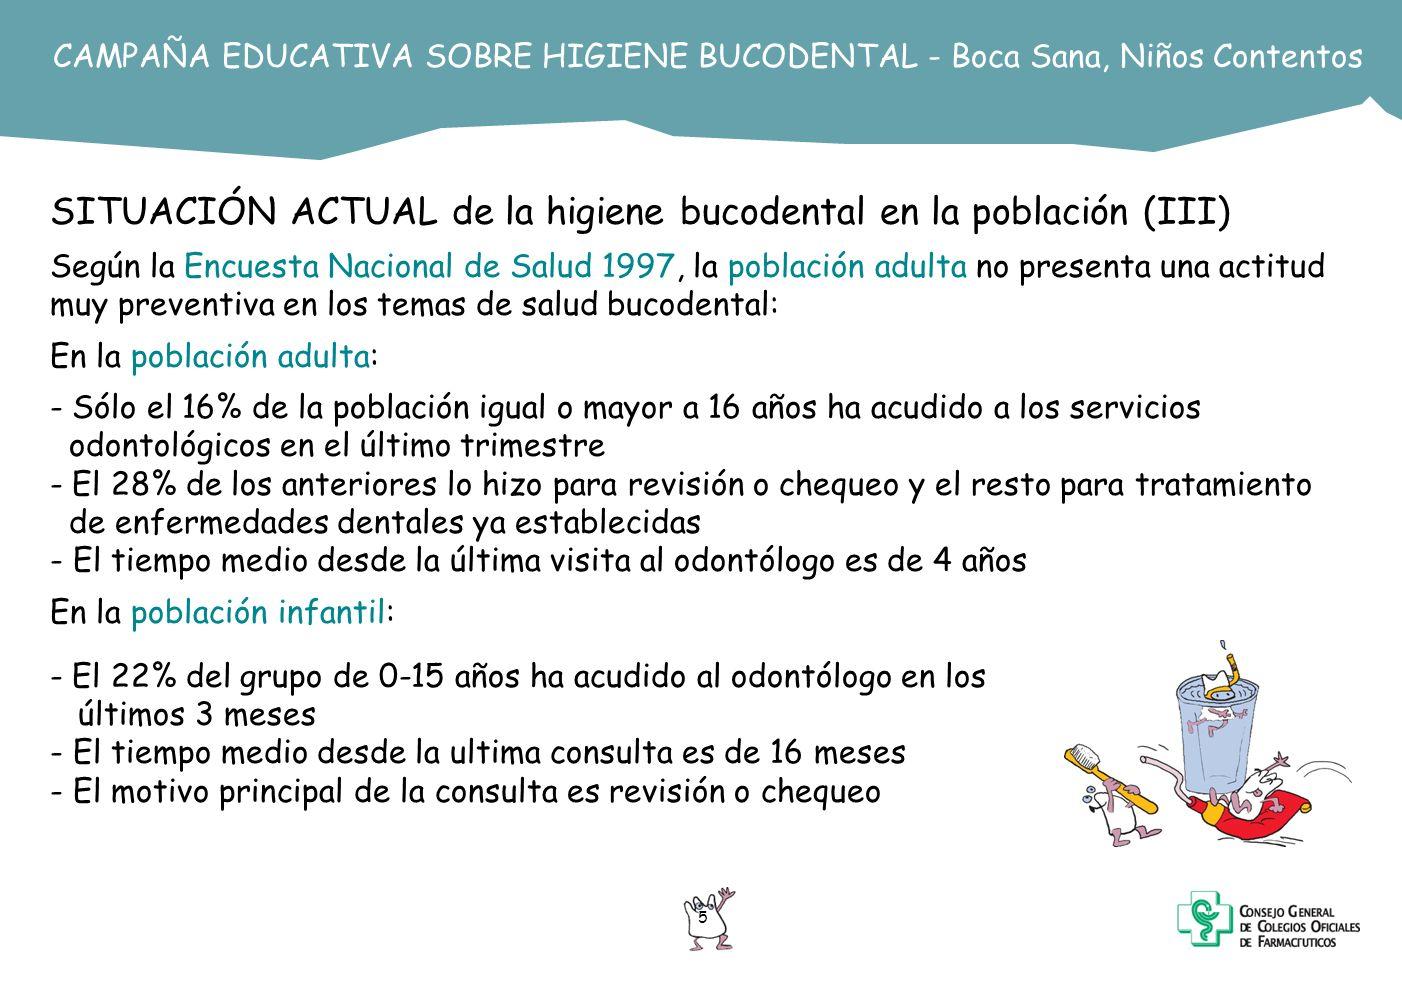 5 CAMPAÑA EDUCATIVA SOBRE HIGIENE BUCODENTAL - Boca Sana, Niños Contentos SITUACIÓN ACTUAL de la higiene bucodental en la población (III) Según la Enc